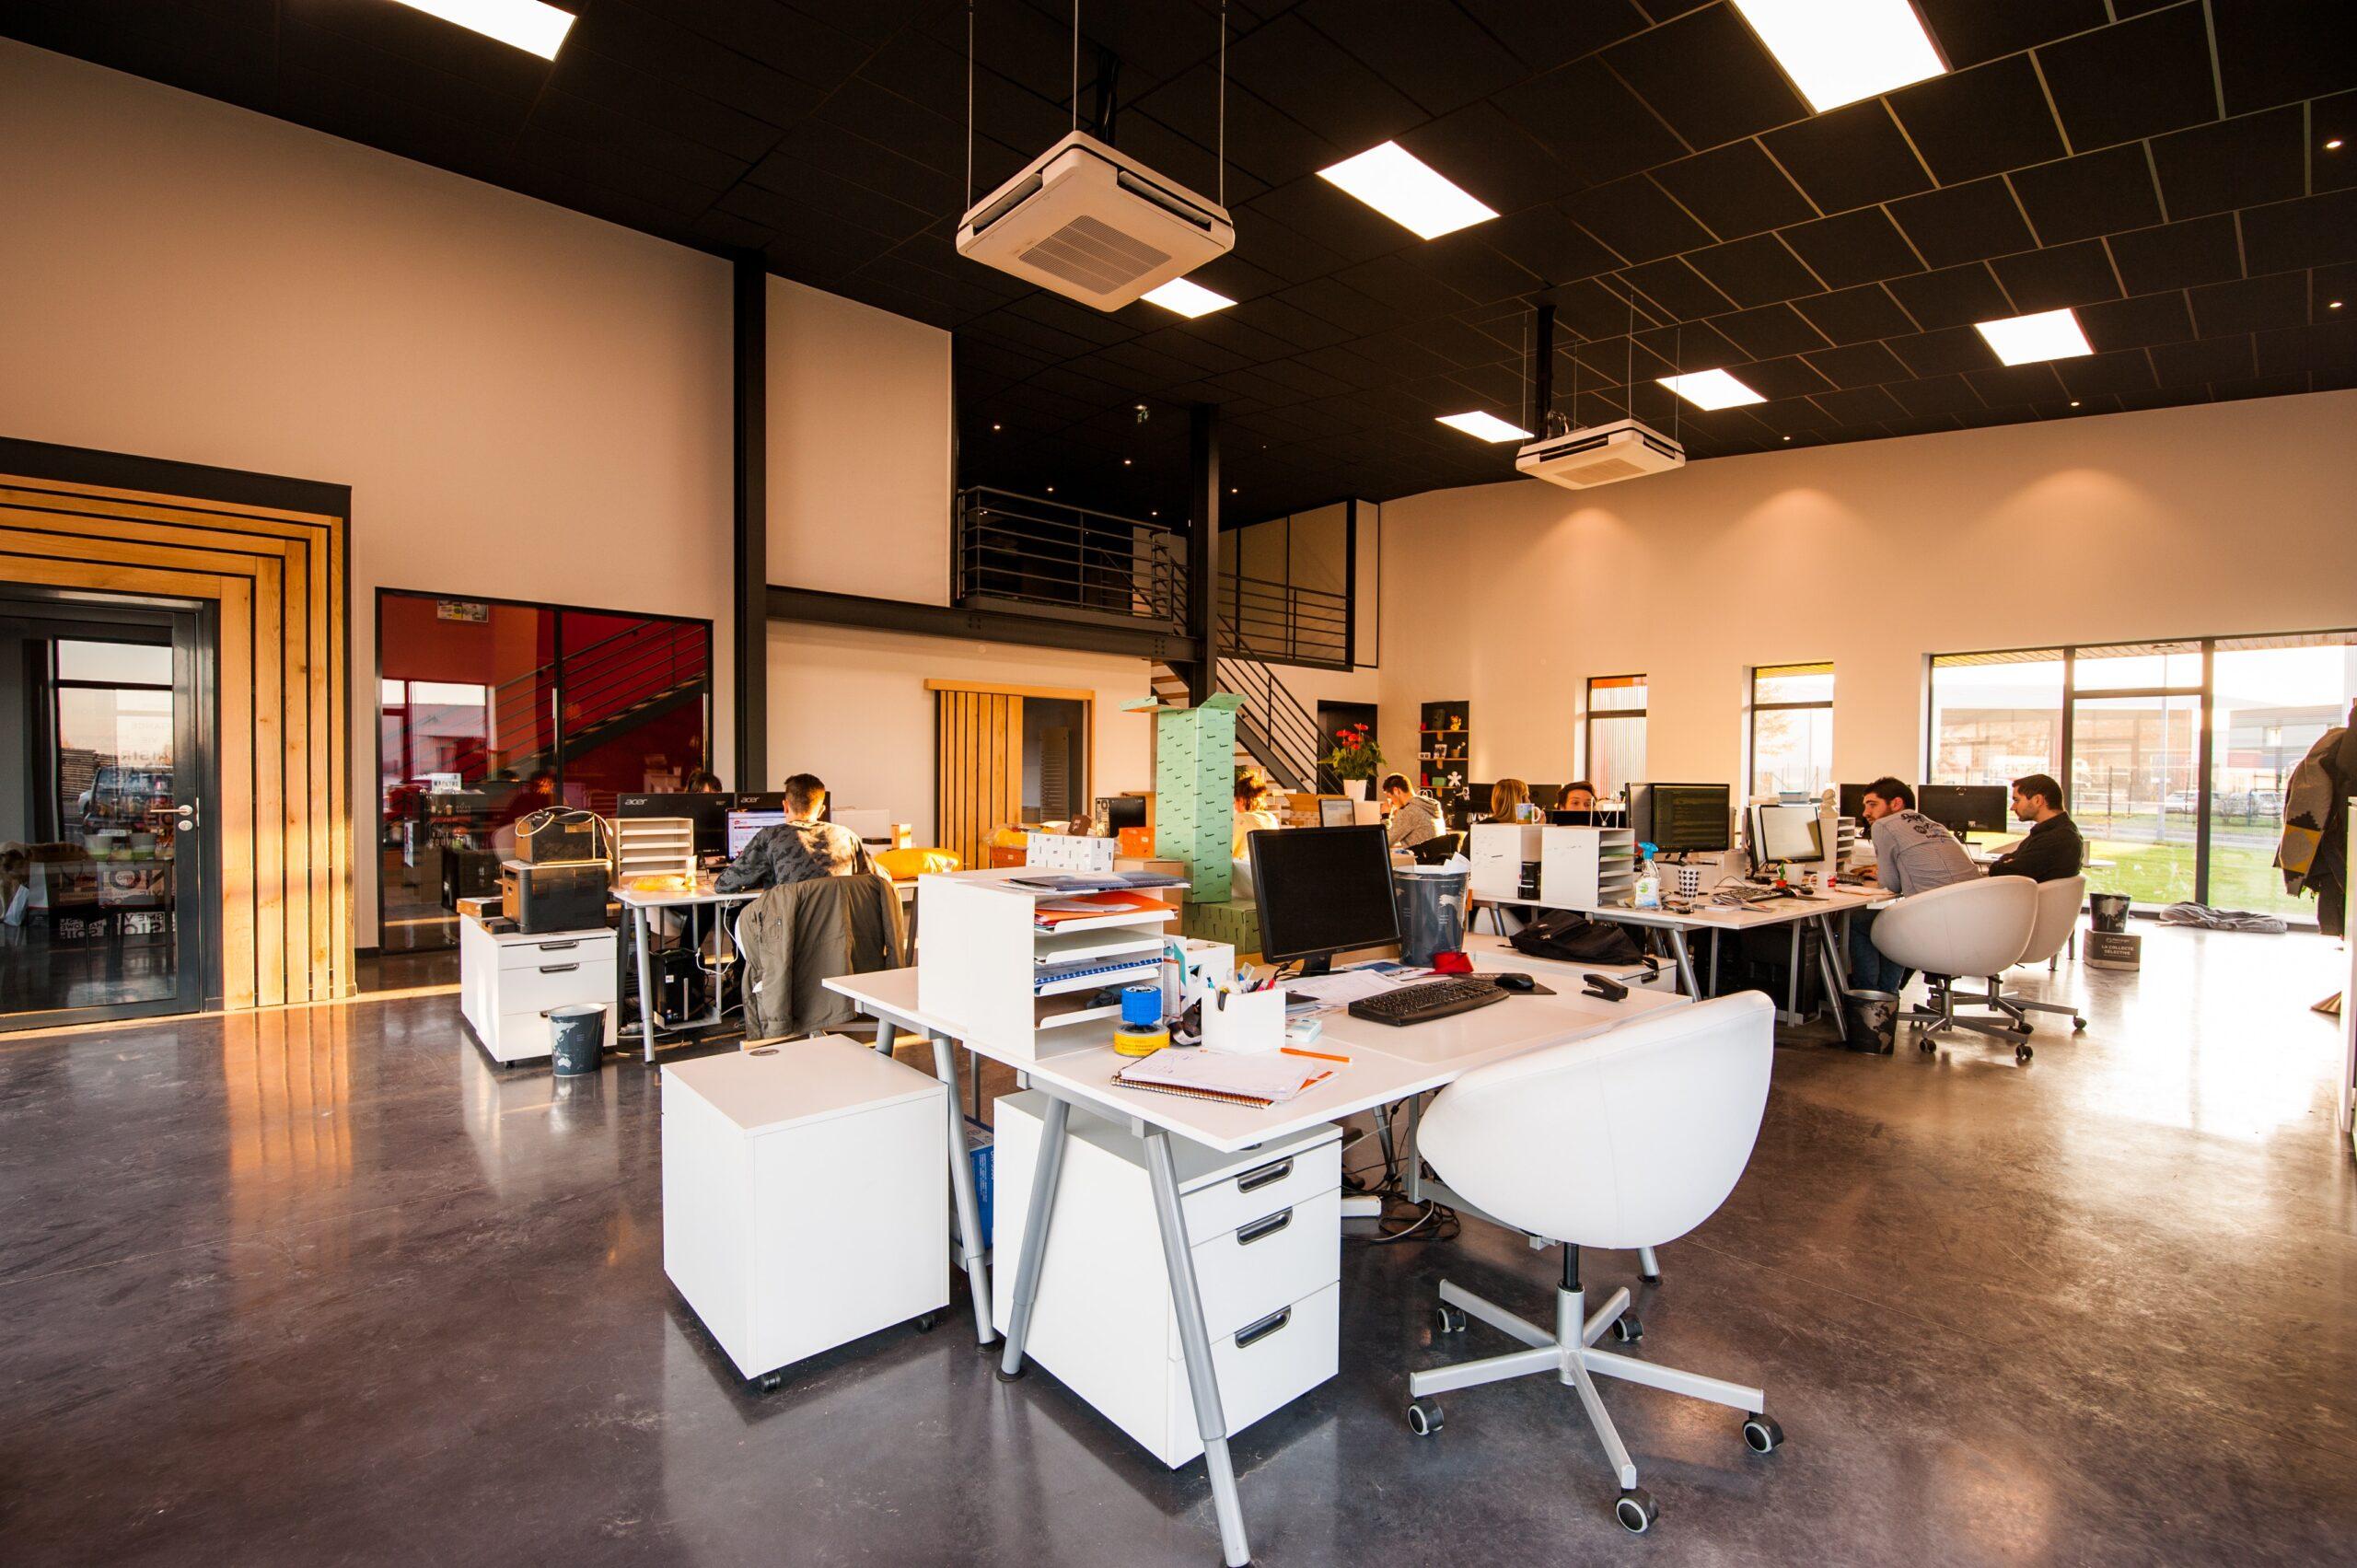 オフィスデザインは企業としての印象をプラスに変える効果もある